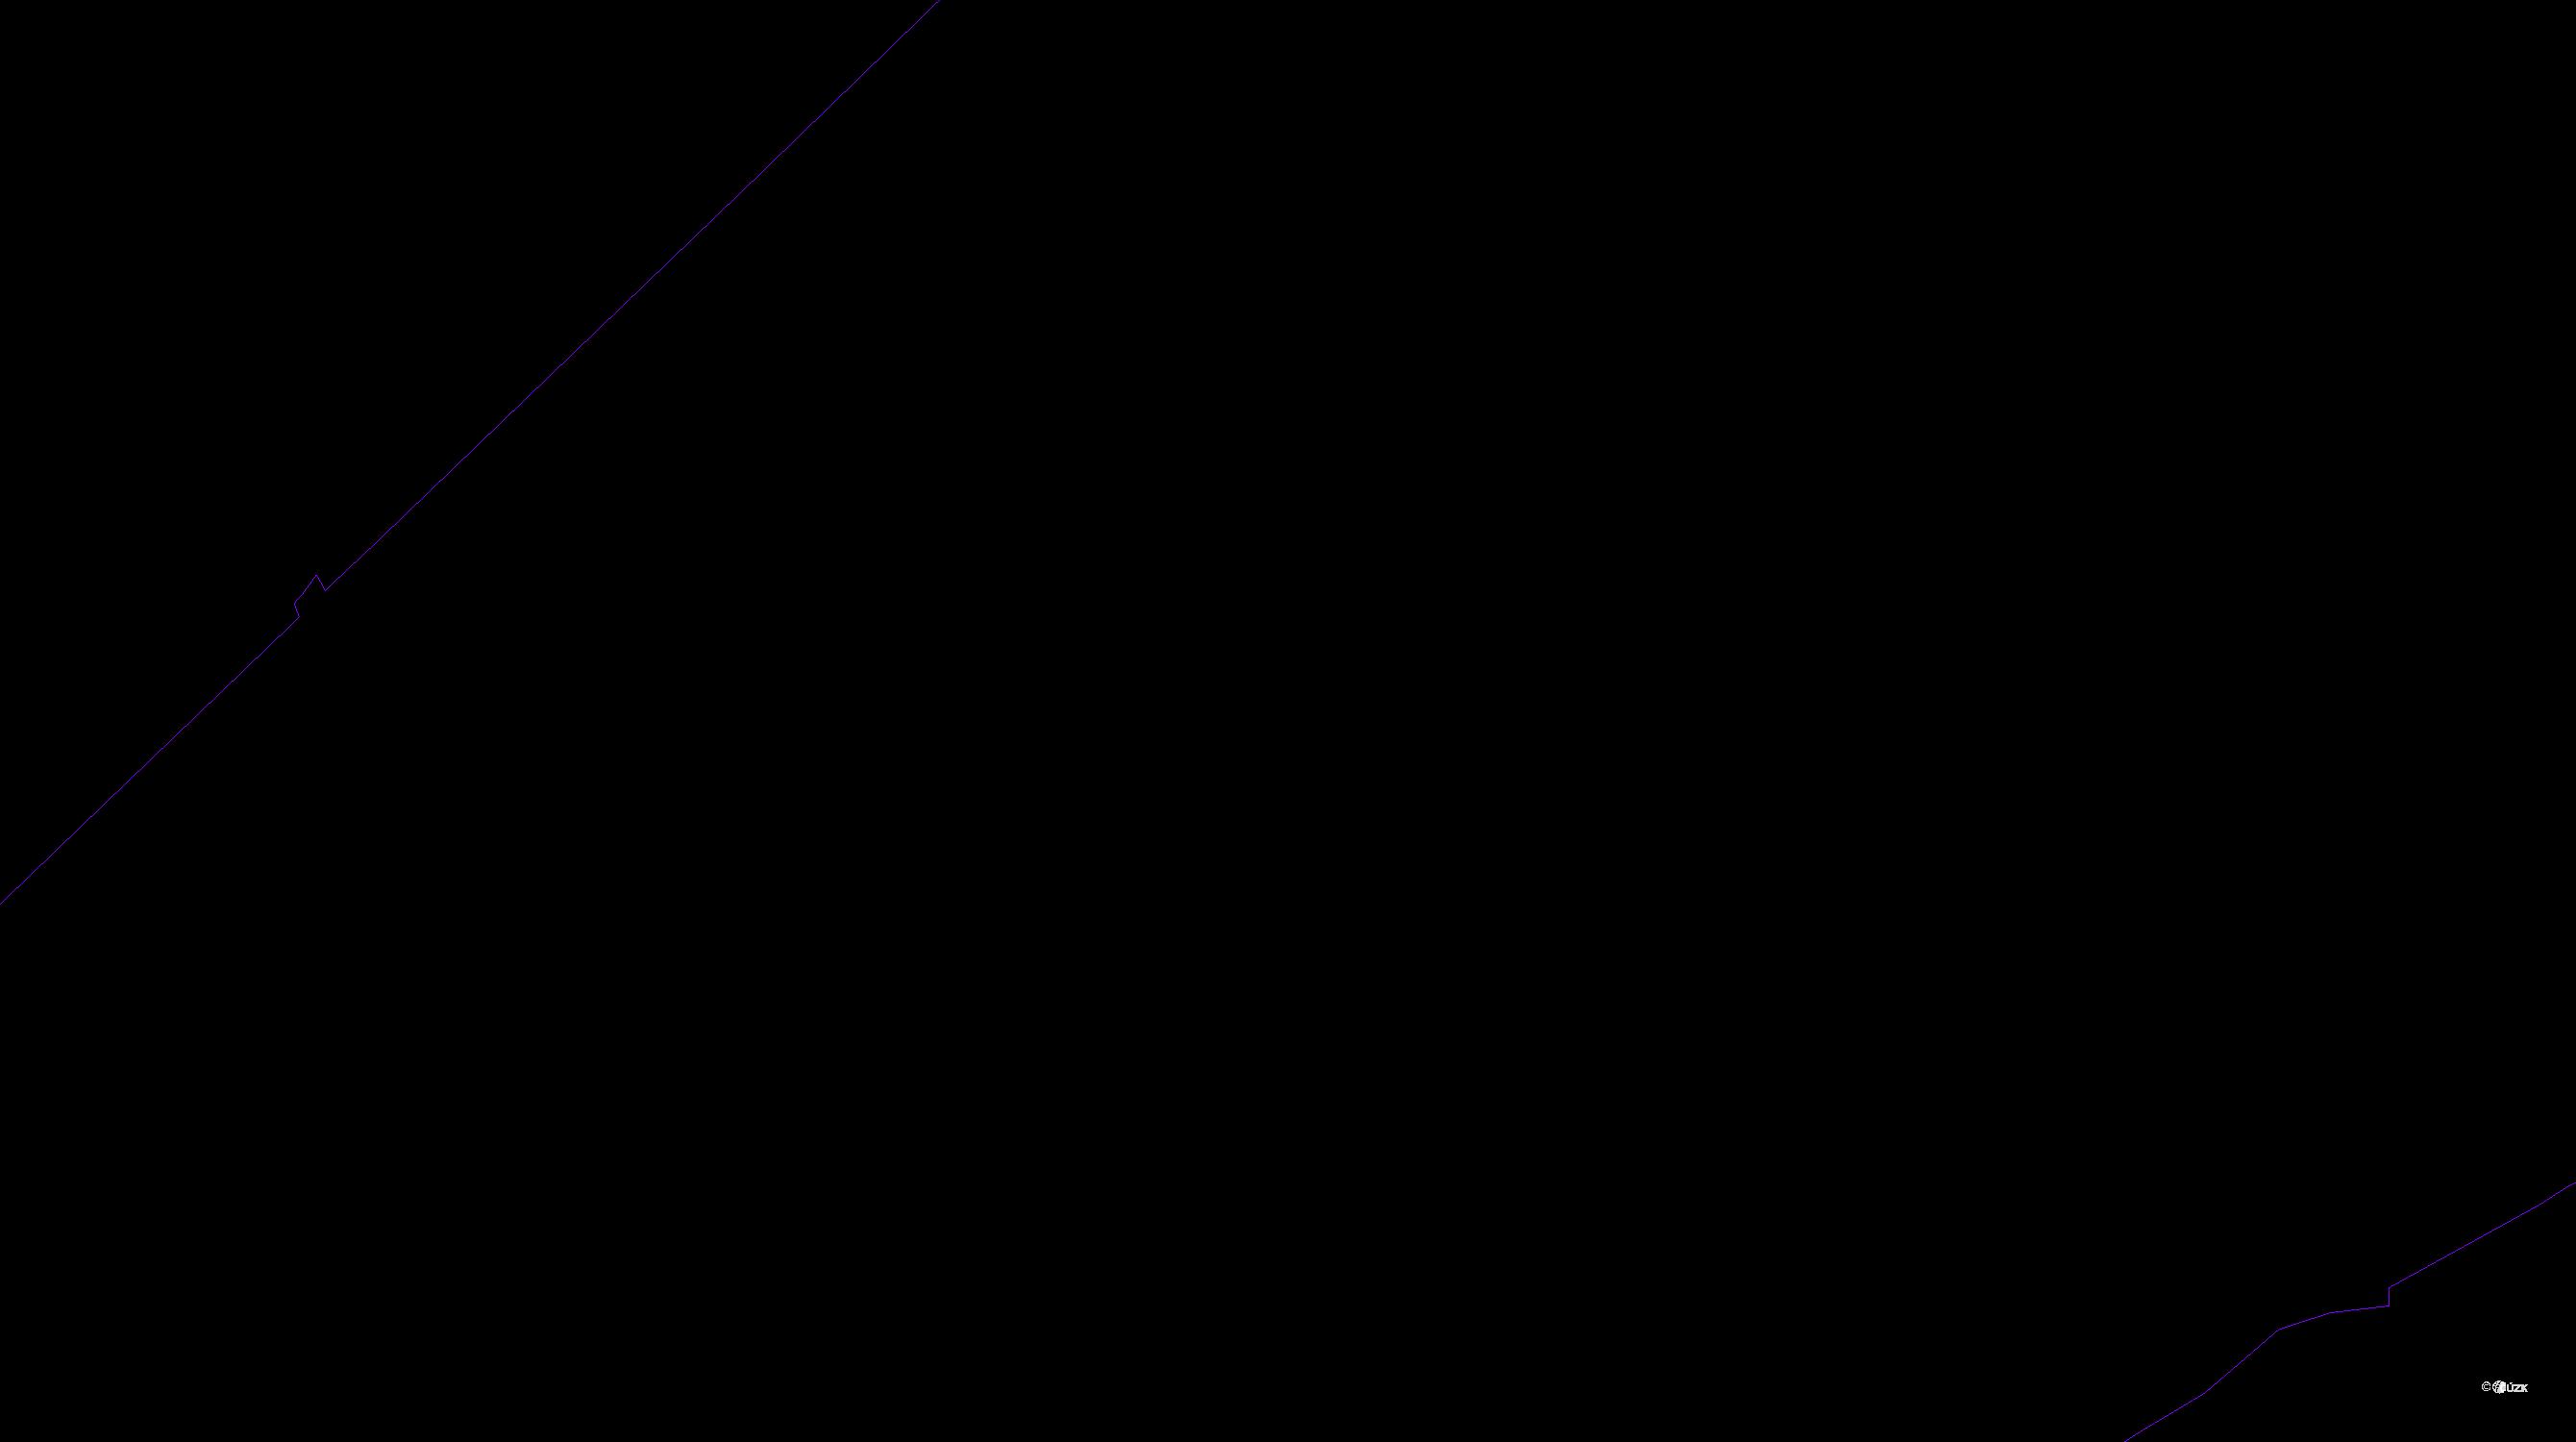 Katastrální mapa pozemků a čísla parcel Jaronice